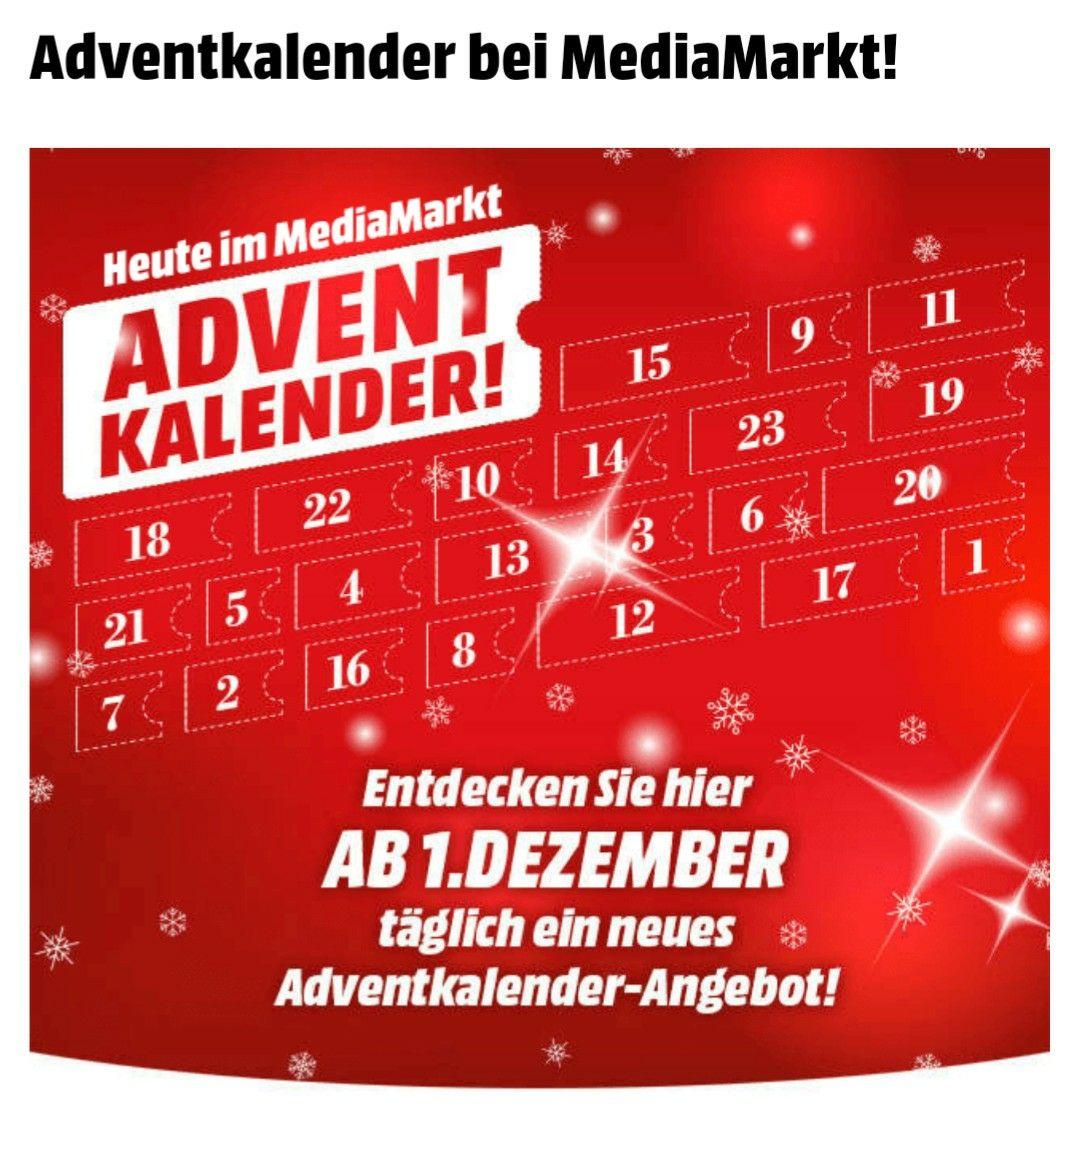 Mediamarkt adventkalender